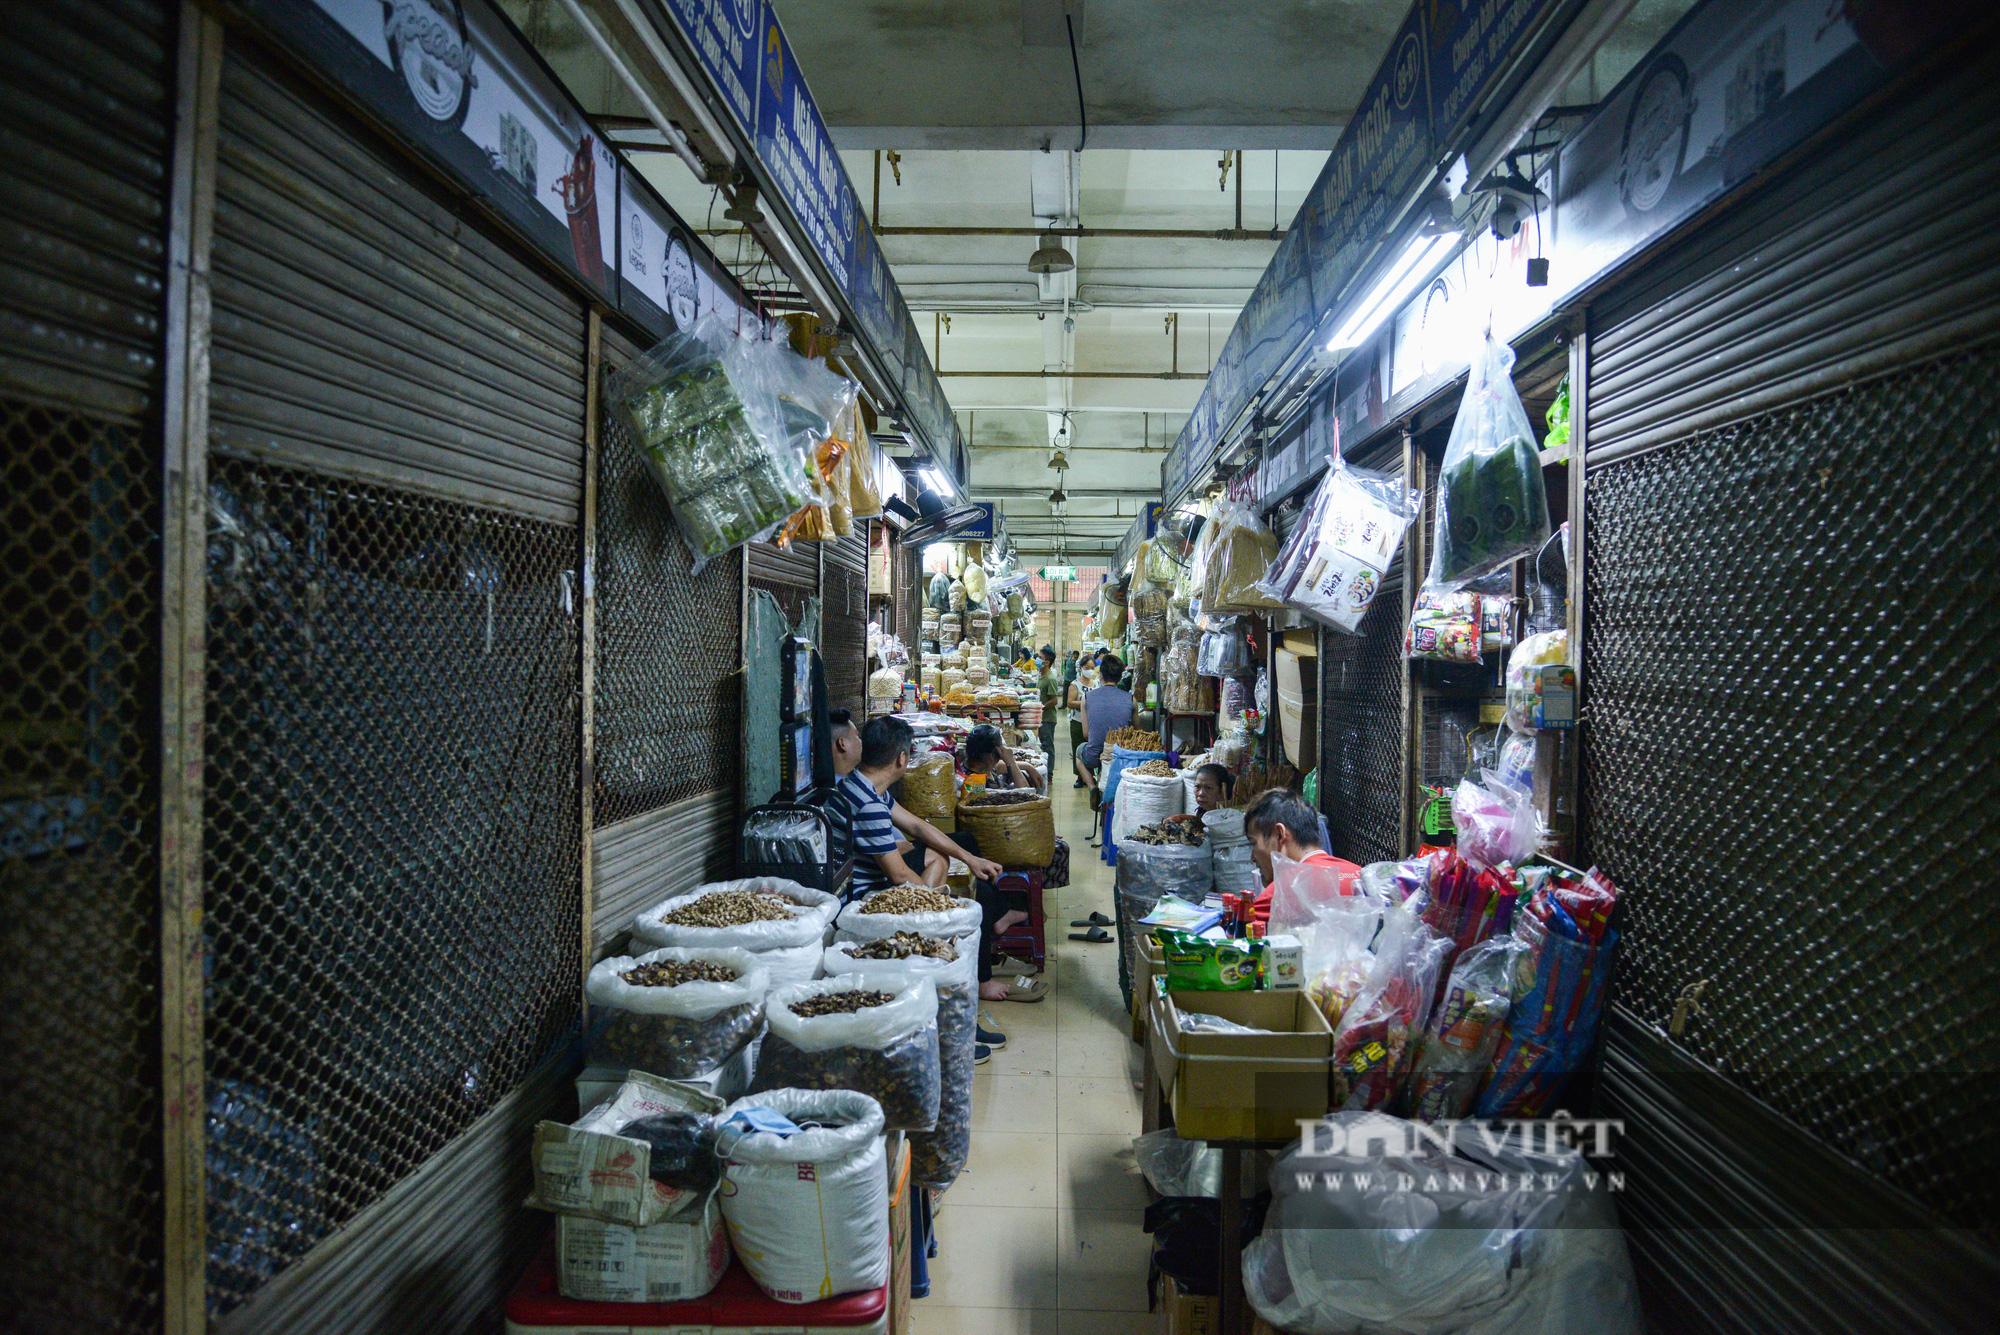 Chợ Đồng Xuân đìu hiu giữa đại dịch Covid-19 - Ảnh 2.